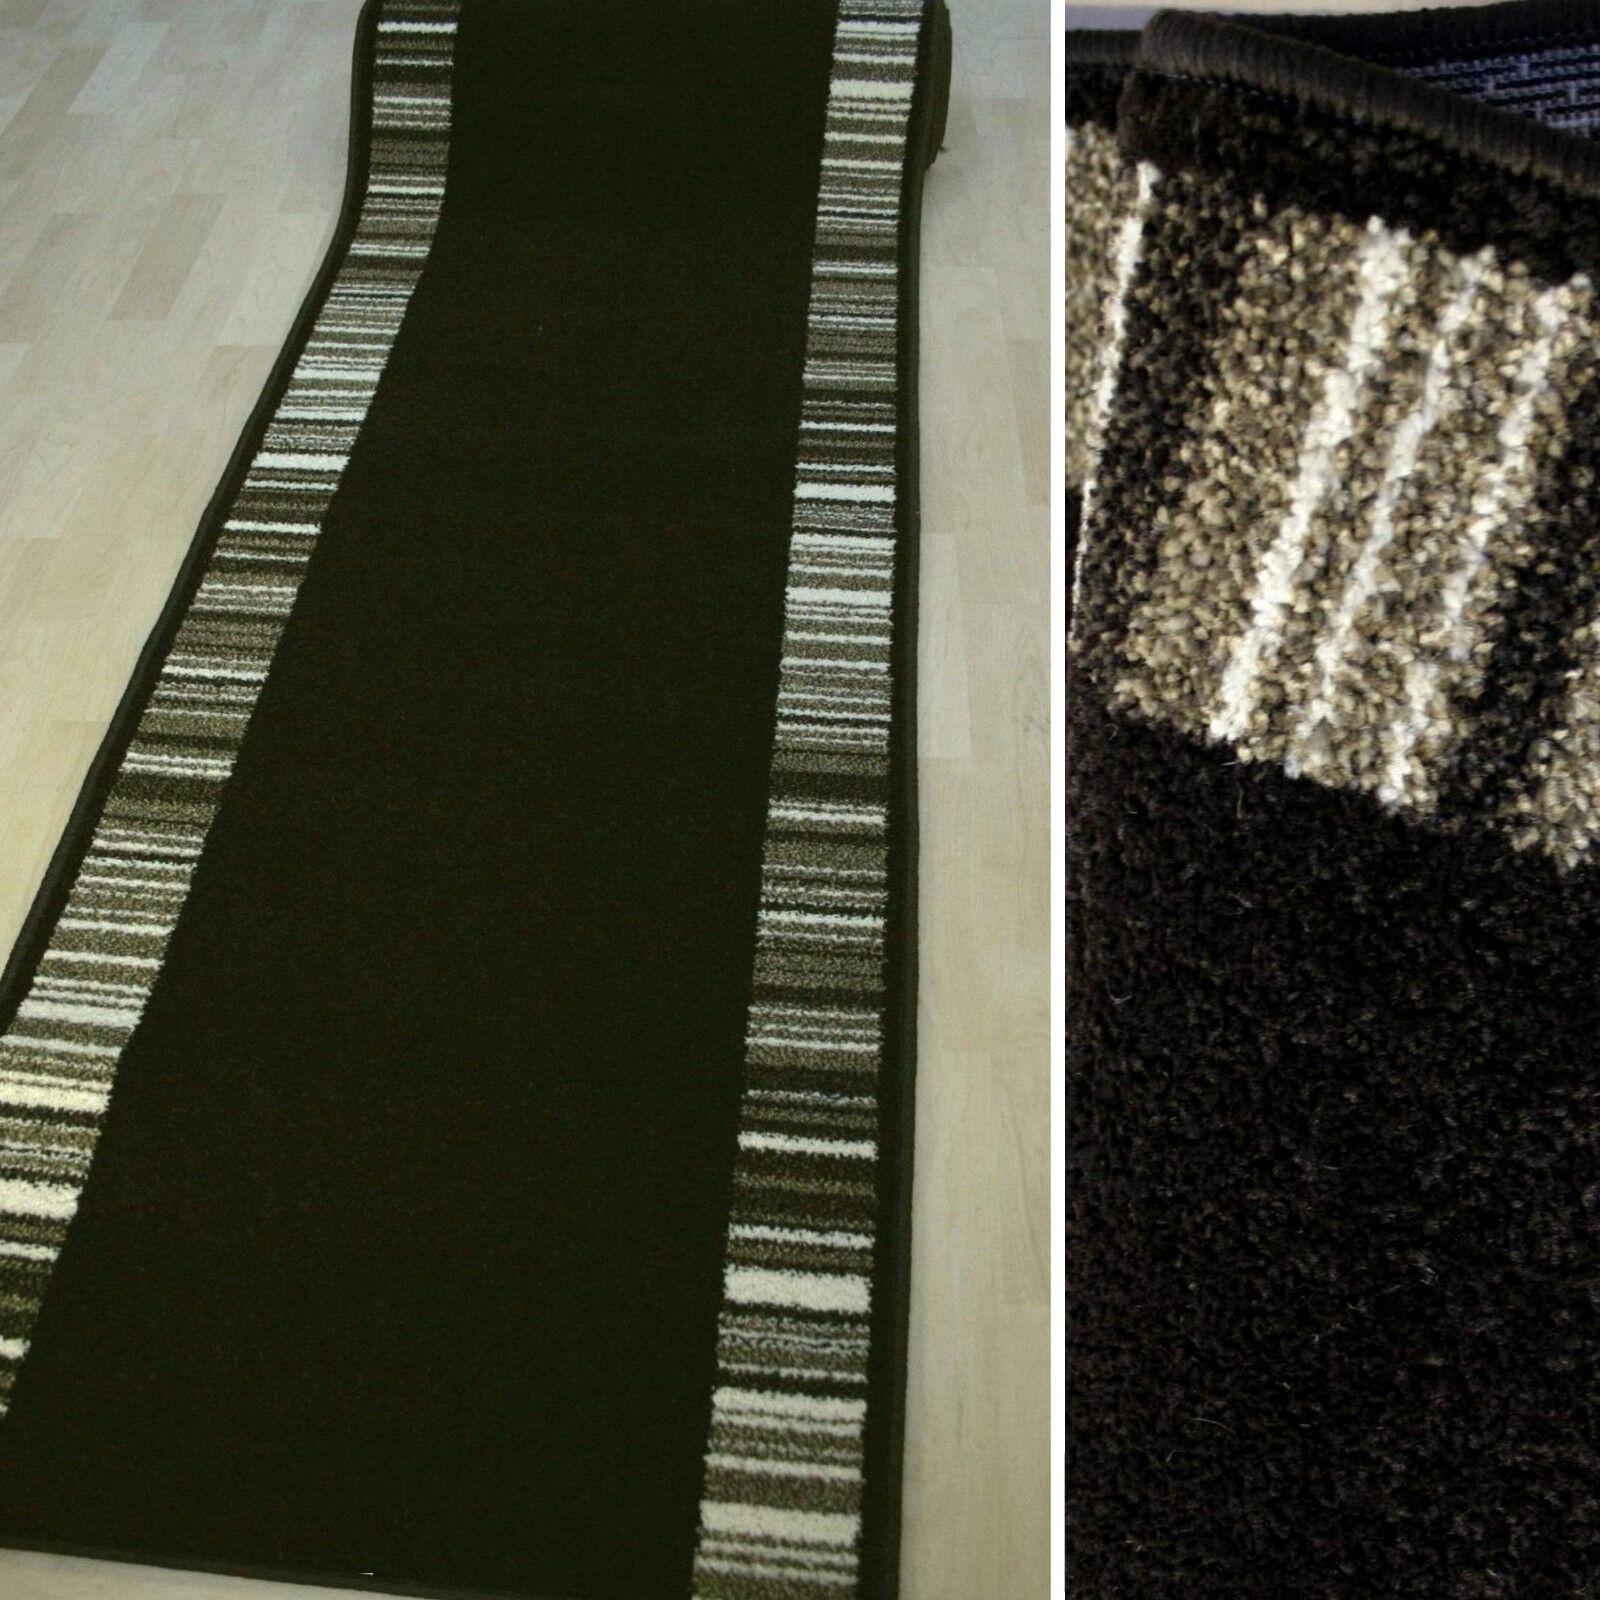 Dettagli su tappeto alfiere  CASA GALAXY  Marronee Scuro 67 cm di larghezza tessuti Frisè L